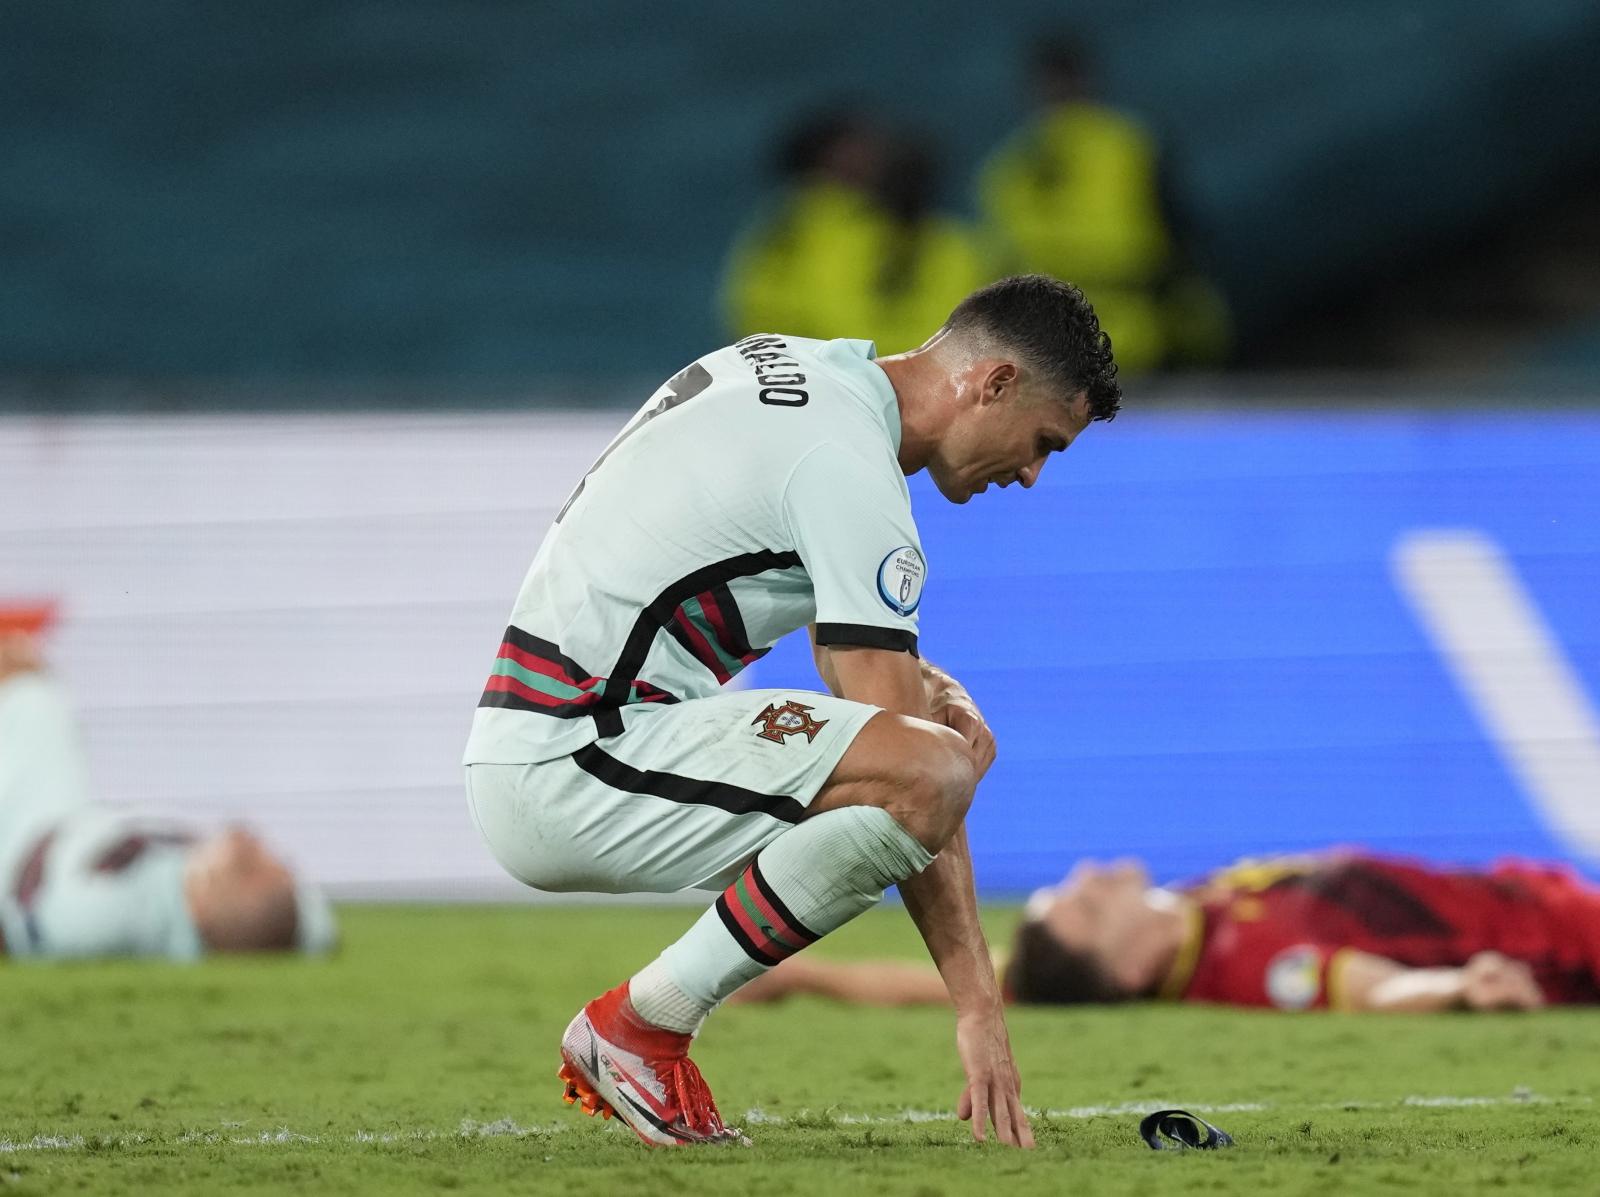 Koniec turnieju dla Cristiano Ronaldo. Portugalczyk dał upust swoim emocjom - Sport WP SportoweFakty